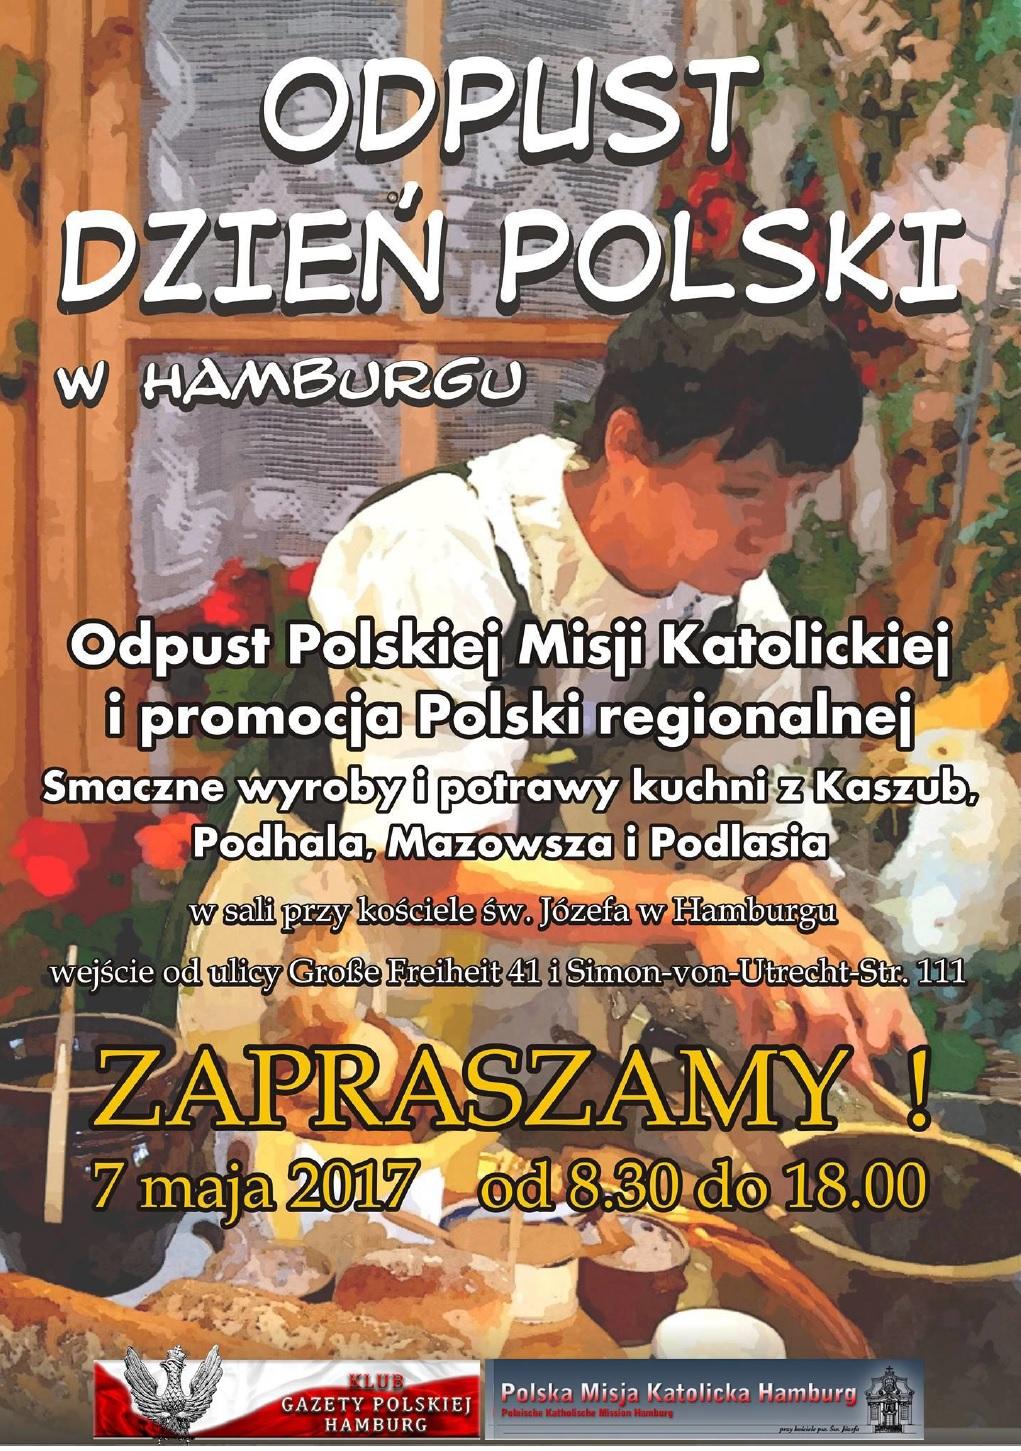 Hamburg dzien polski 2017